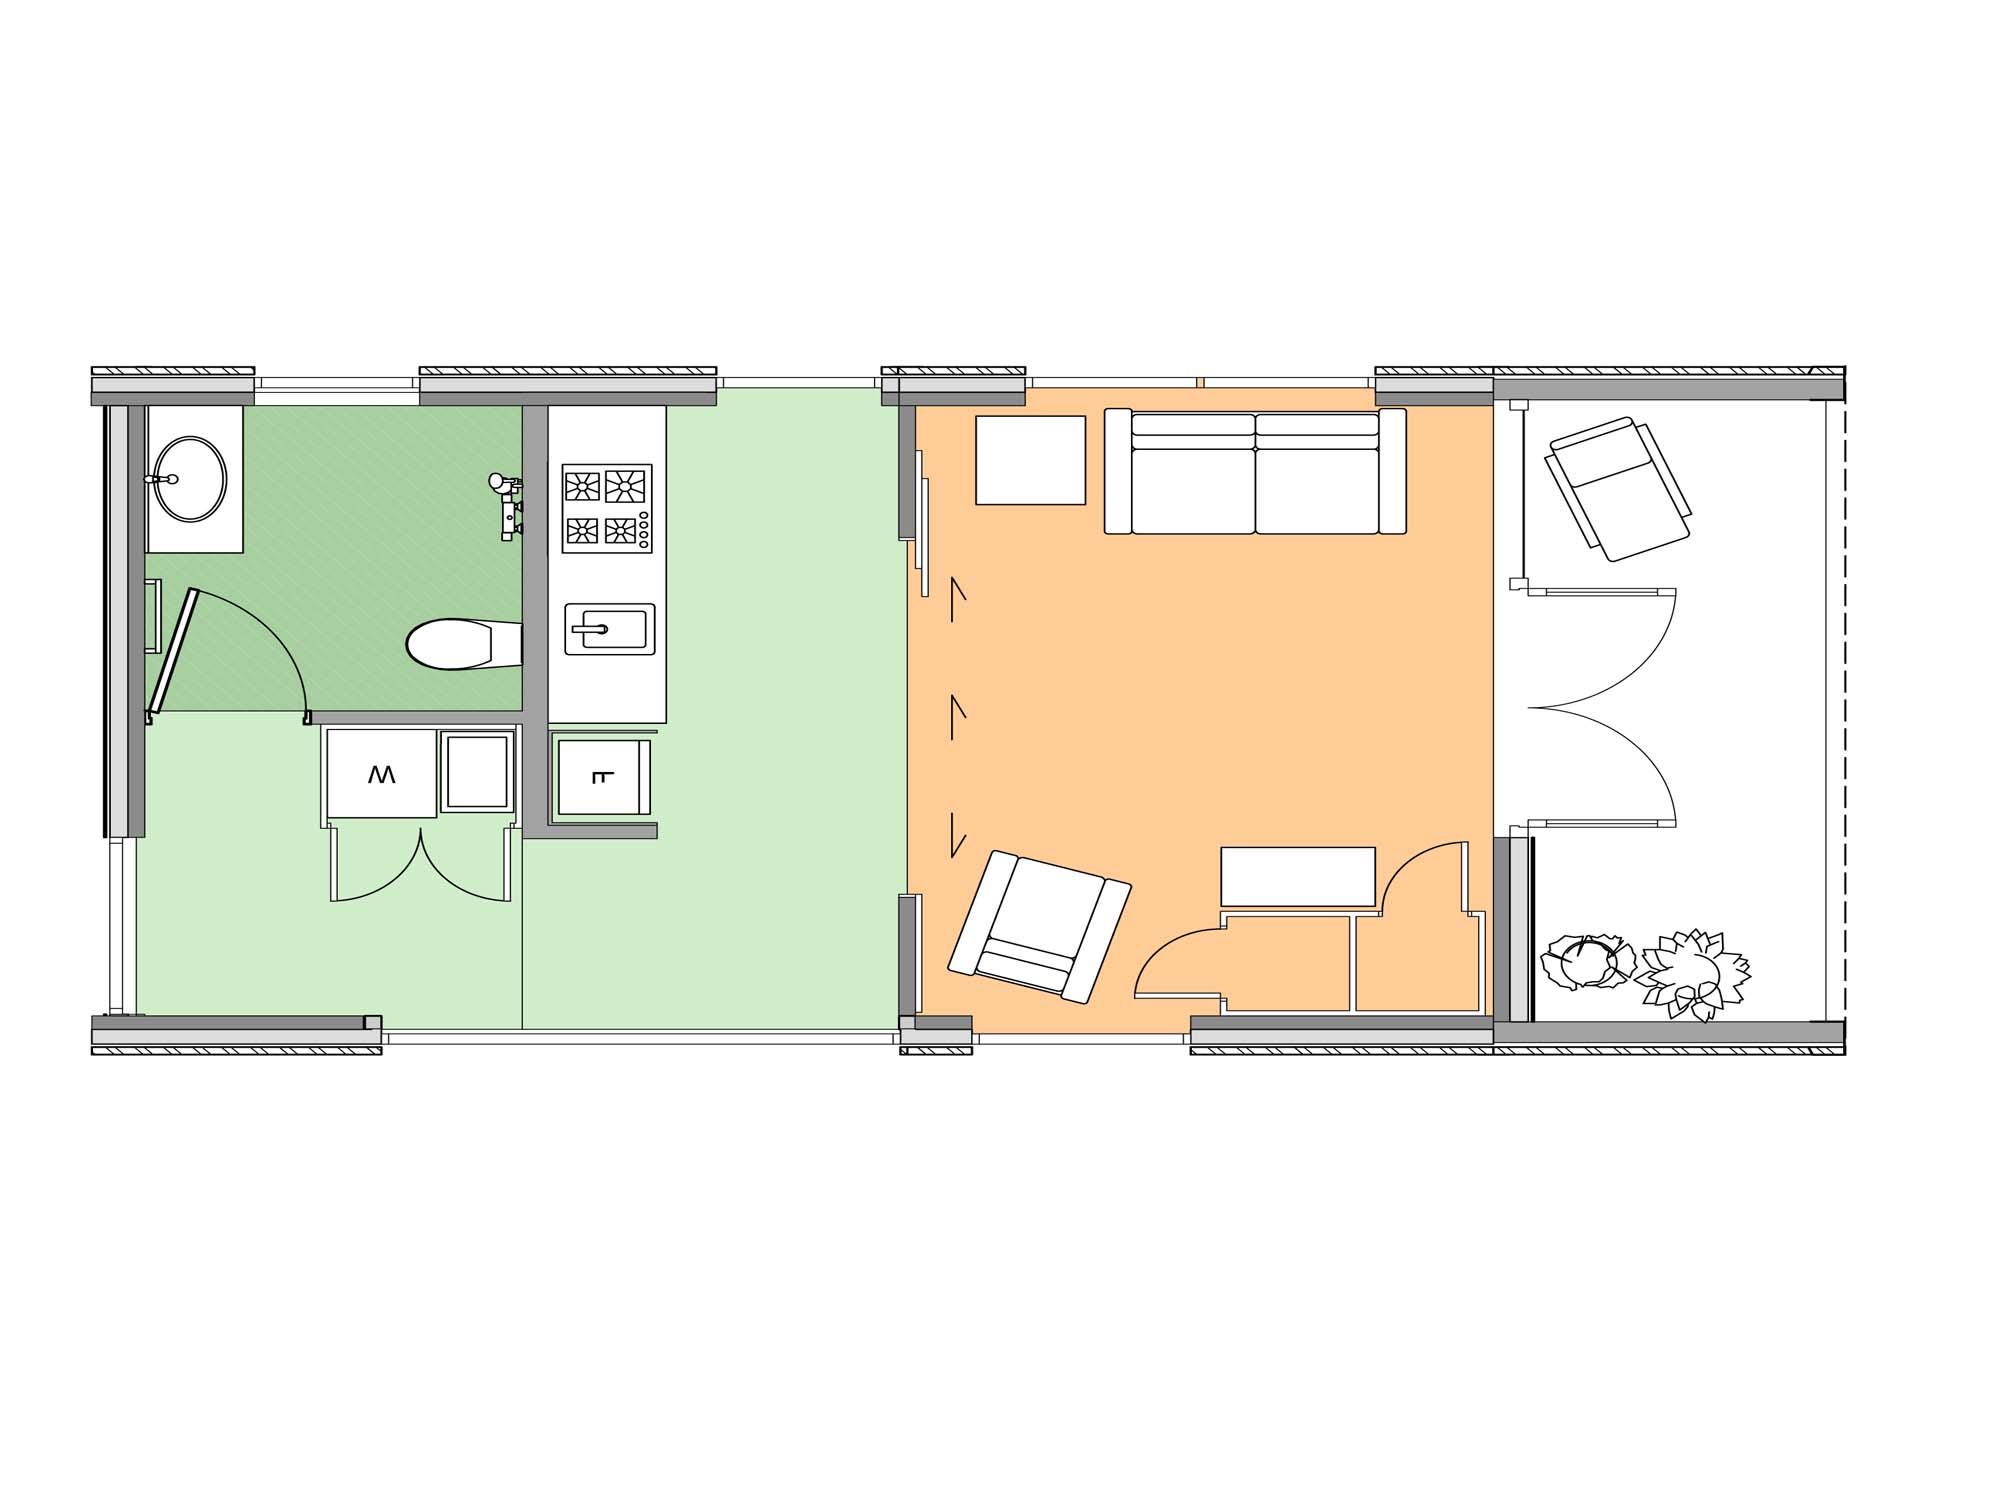 Plan of Te Whare-iti TWI 02M